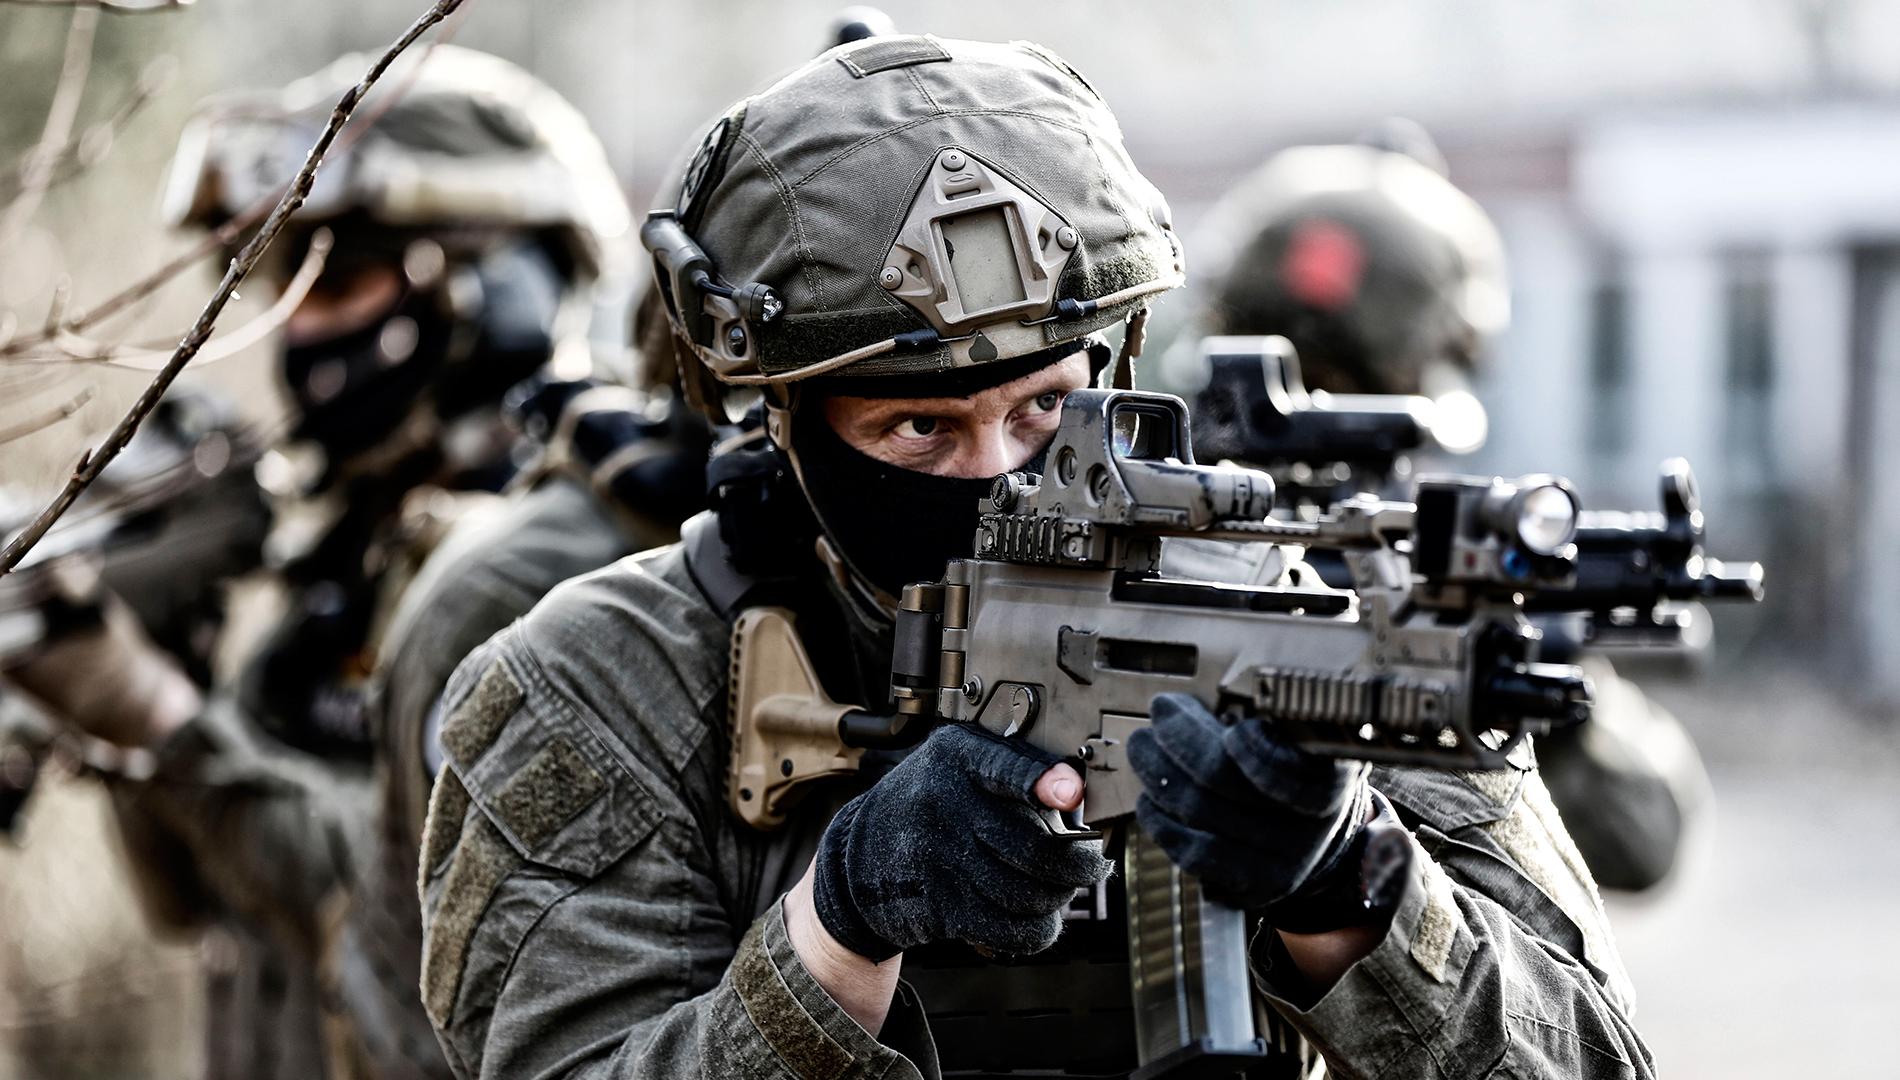 Bpol_GSG 9_GSG 9 3.jpg – Bundespolizei, Einstellungsberatung Bunde